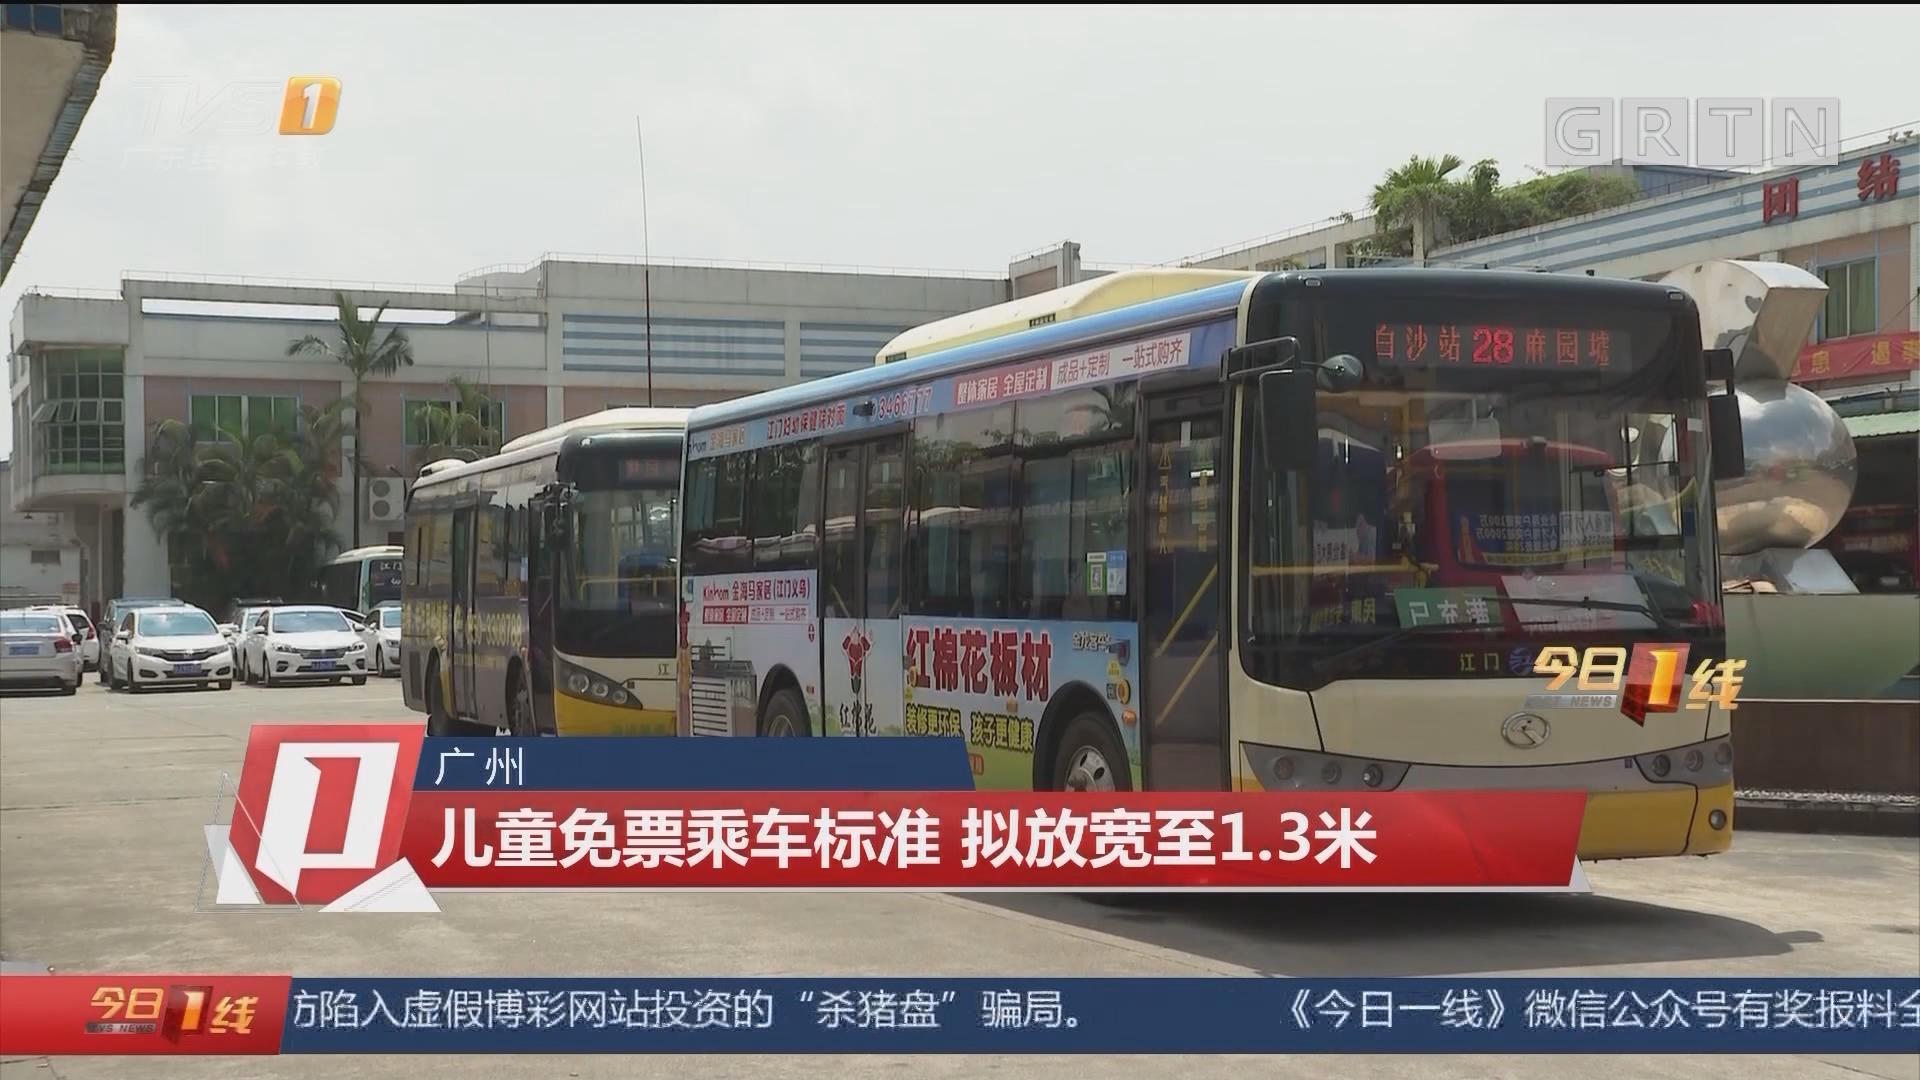 广州:儿童免票乘车标准 拟放宽至1.3米